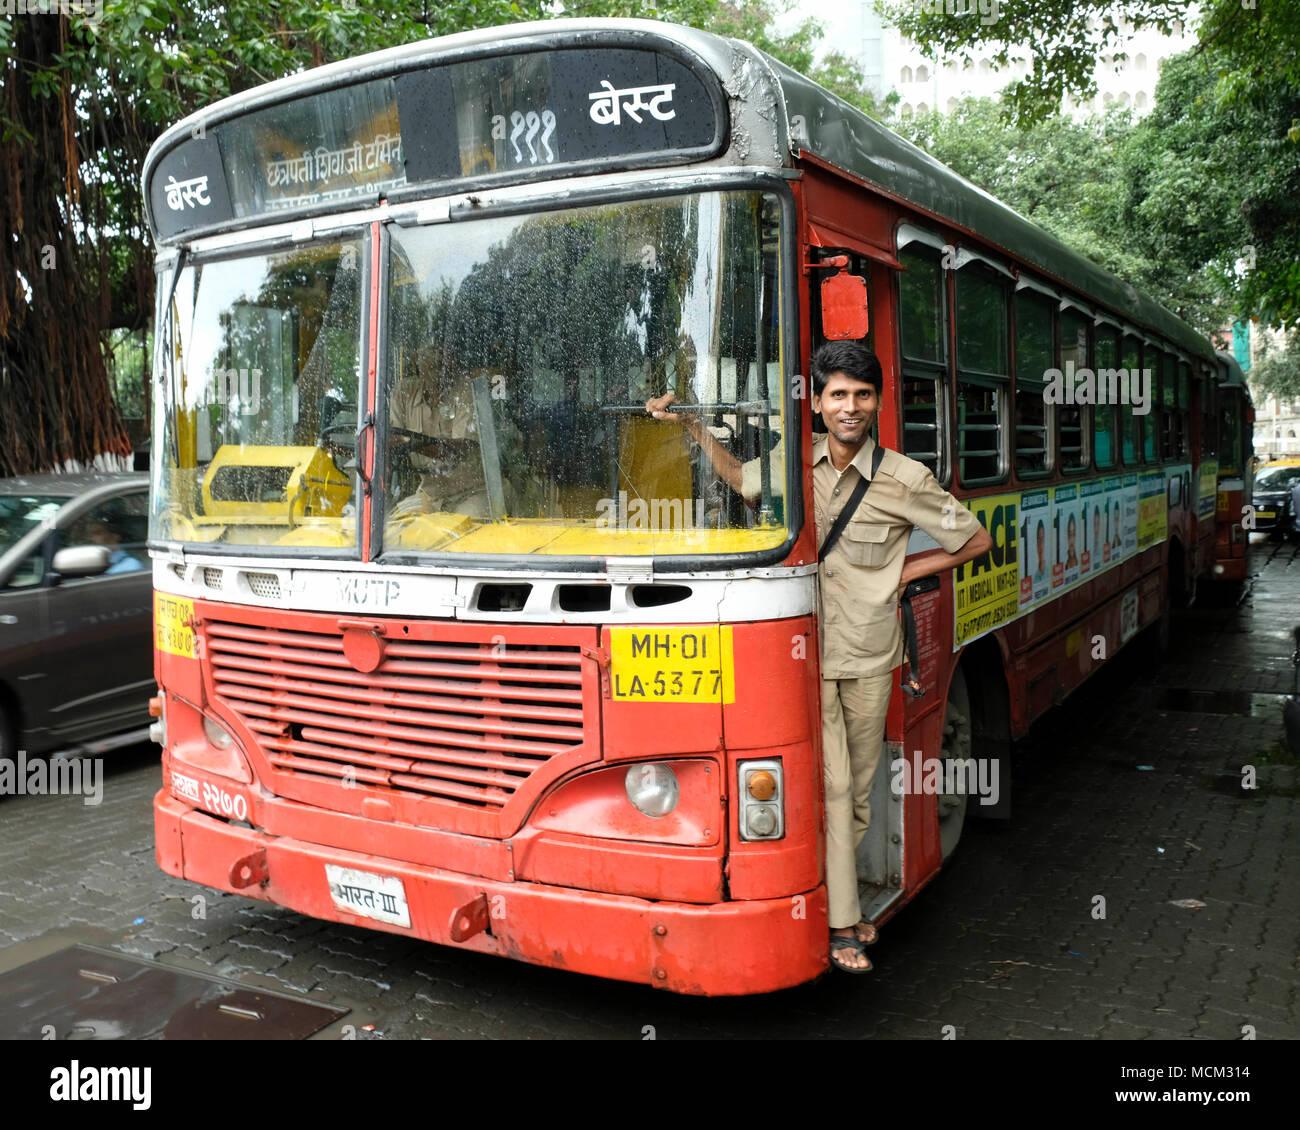 Un Brihanmumbai di fornitura di elettricità e di trasporto (BEST) Ashok Leyland bus locale parcheggiato a Nariman Point, Colaba, Mumbai Immagini Stock